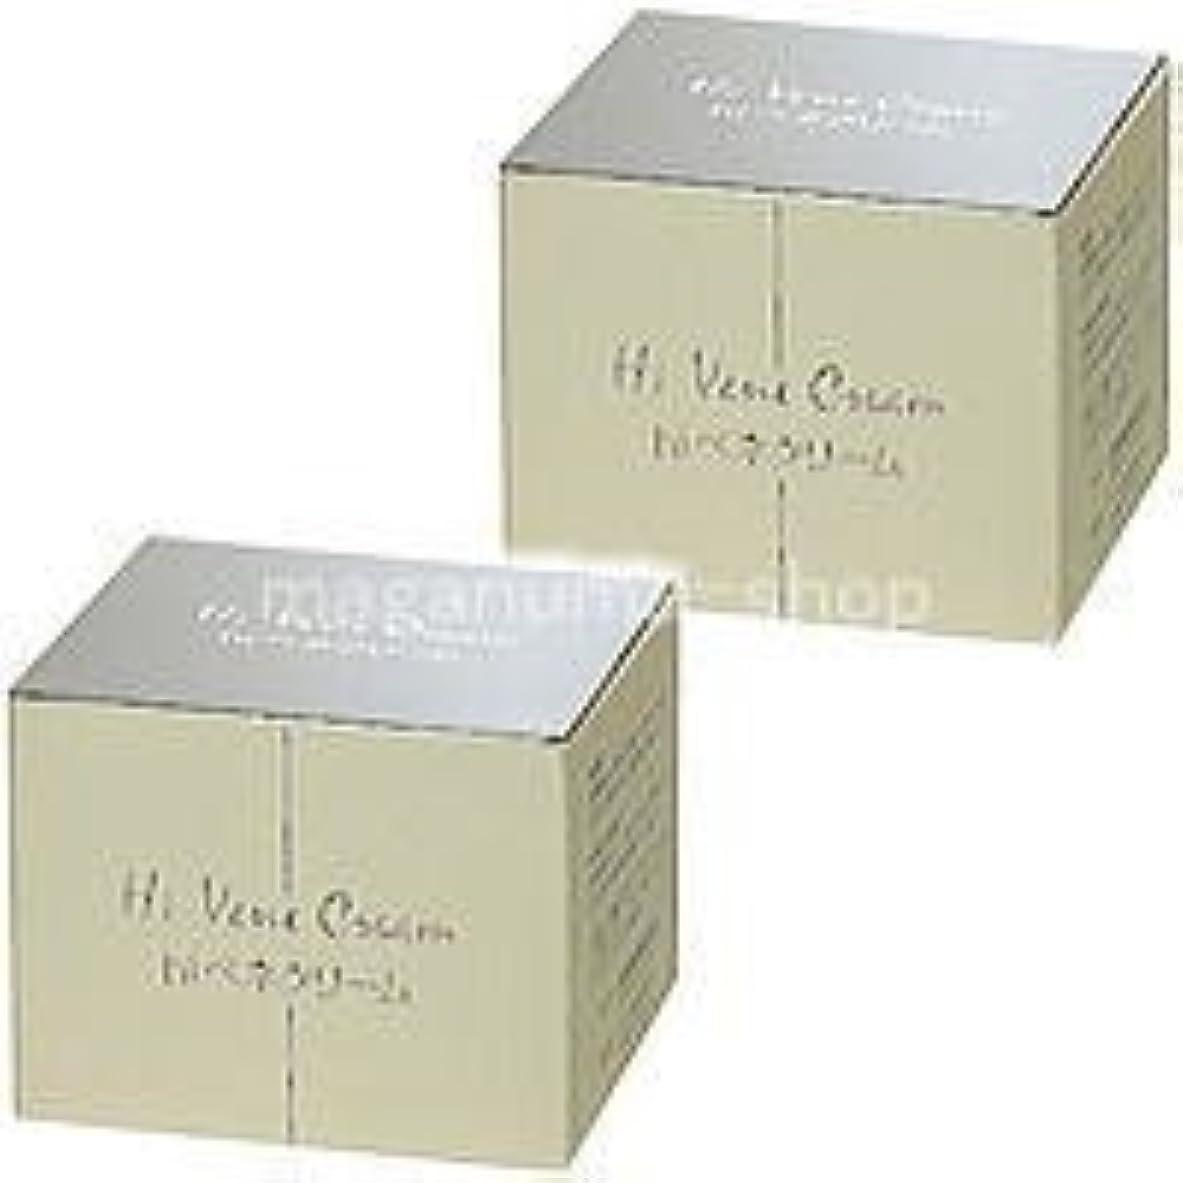 結晶野望穏やかなサンケイ薬品 hiベネクリーム 2個 (ハイベネクリーム)